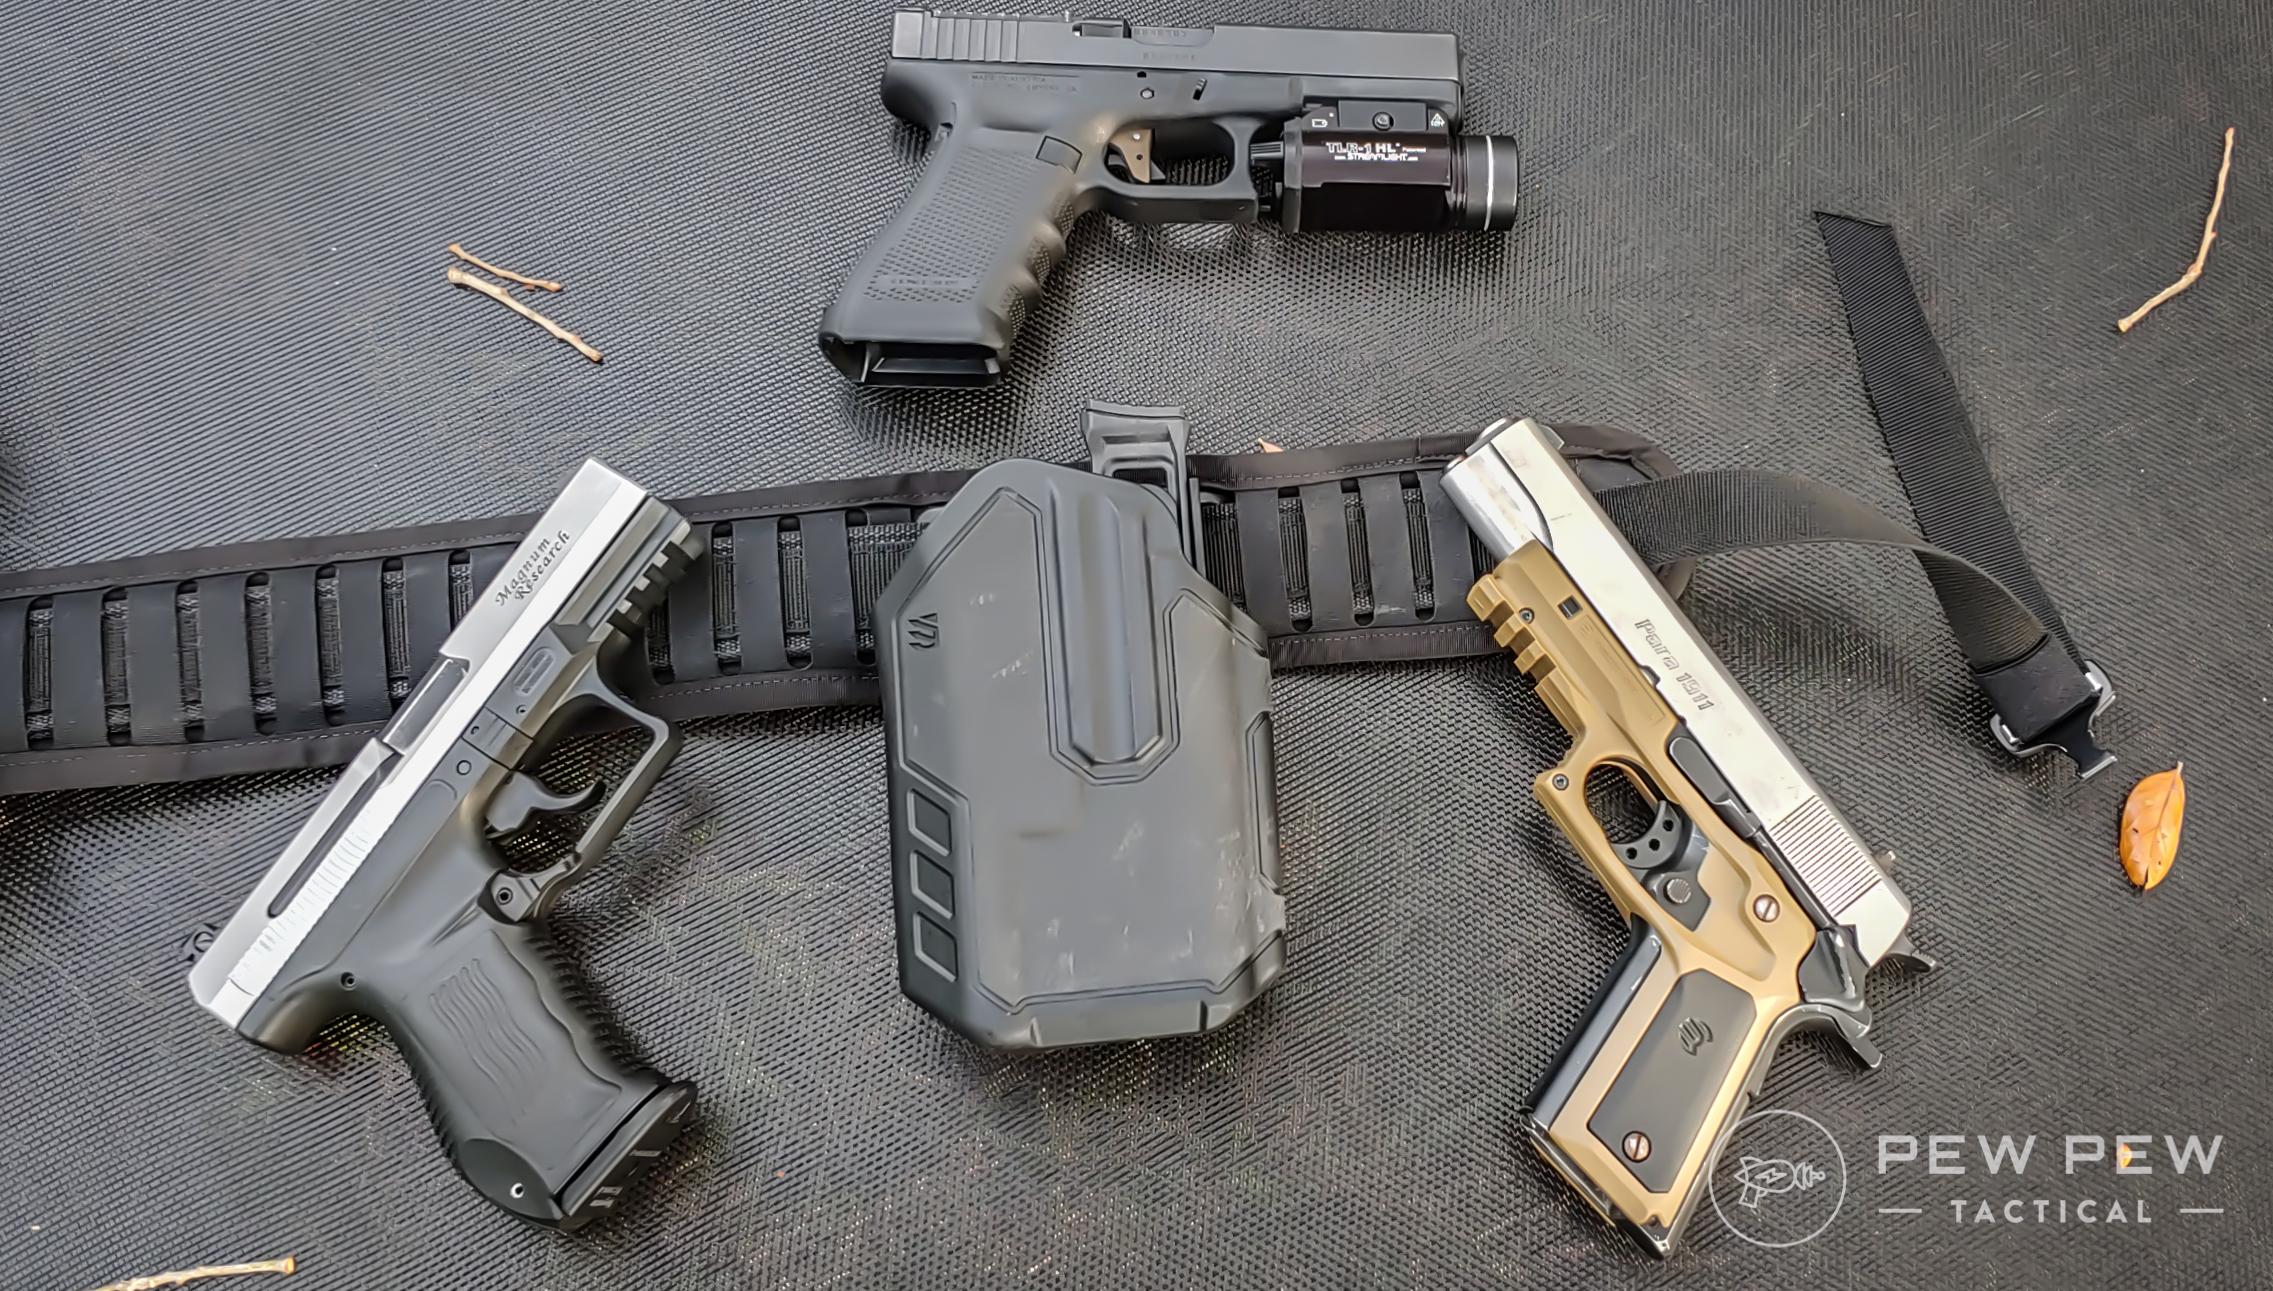 Tactical Concealed Pistol Holster Adjustable Leg Ankle Handgun Holder Pouch J